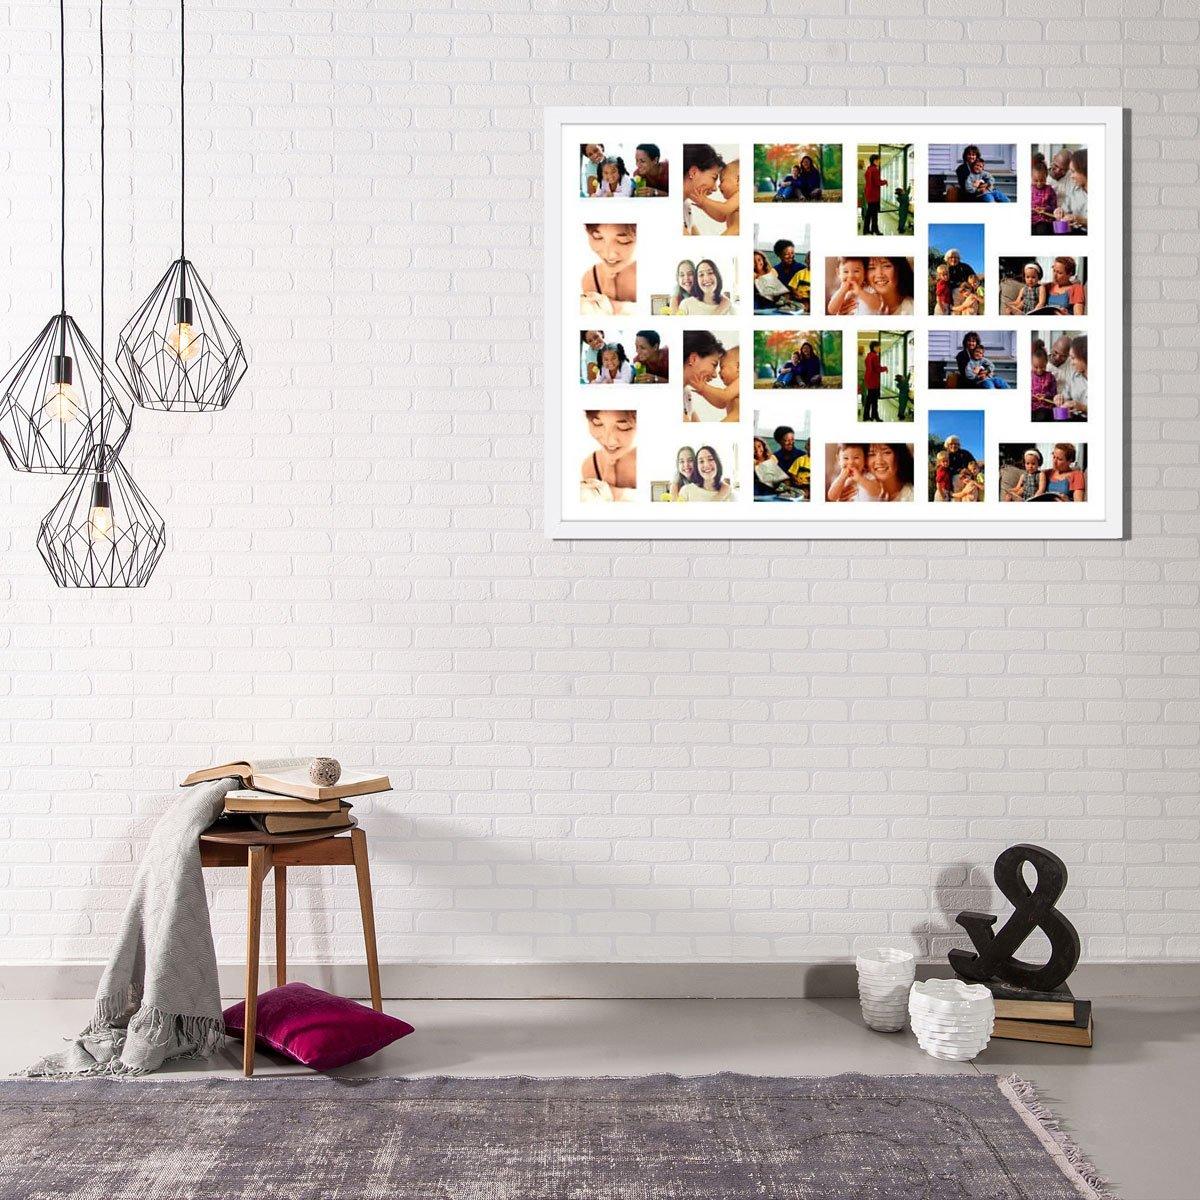 Quadro Painel de Fotos Decorativo para 24 Fotos de 10x15cm Branco